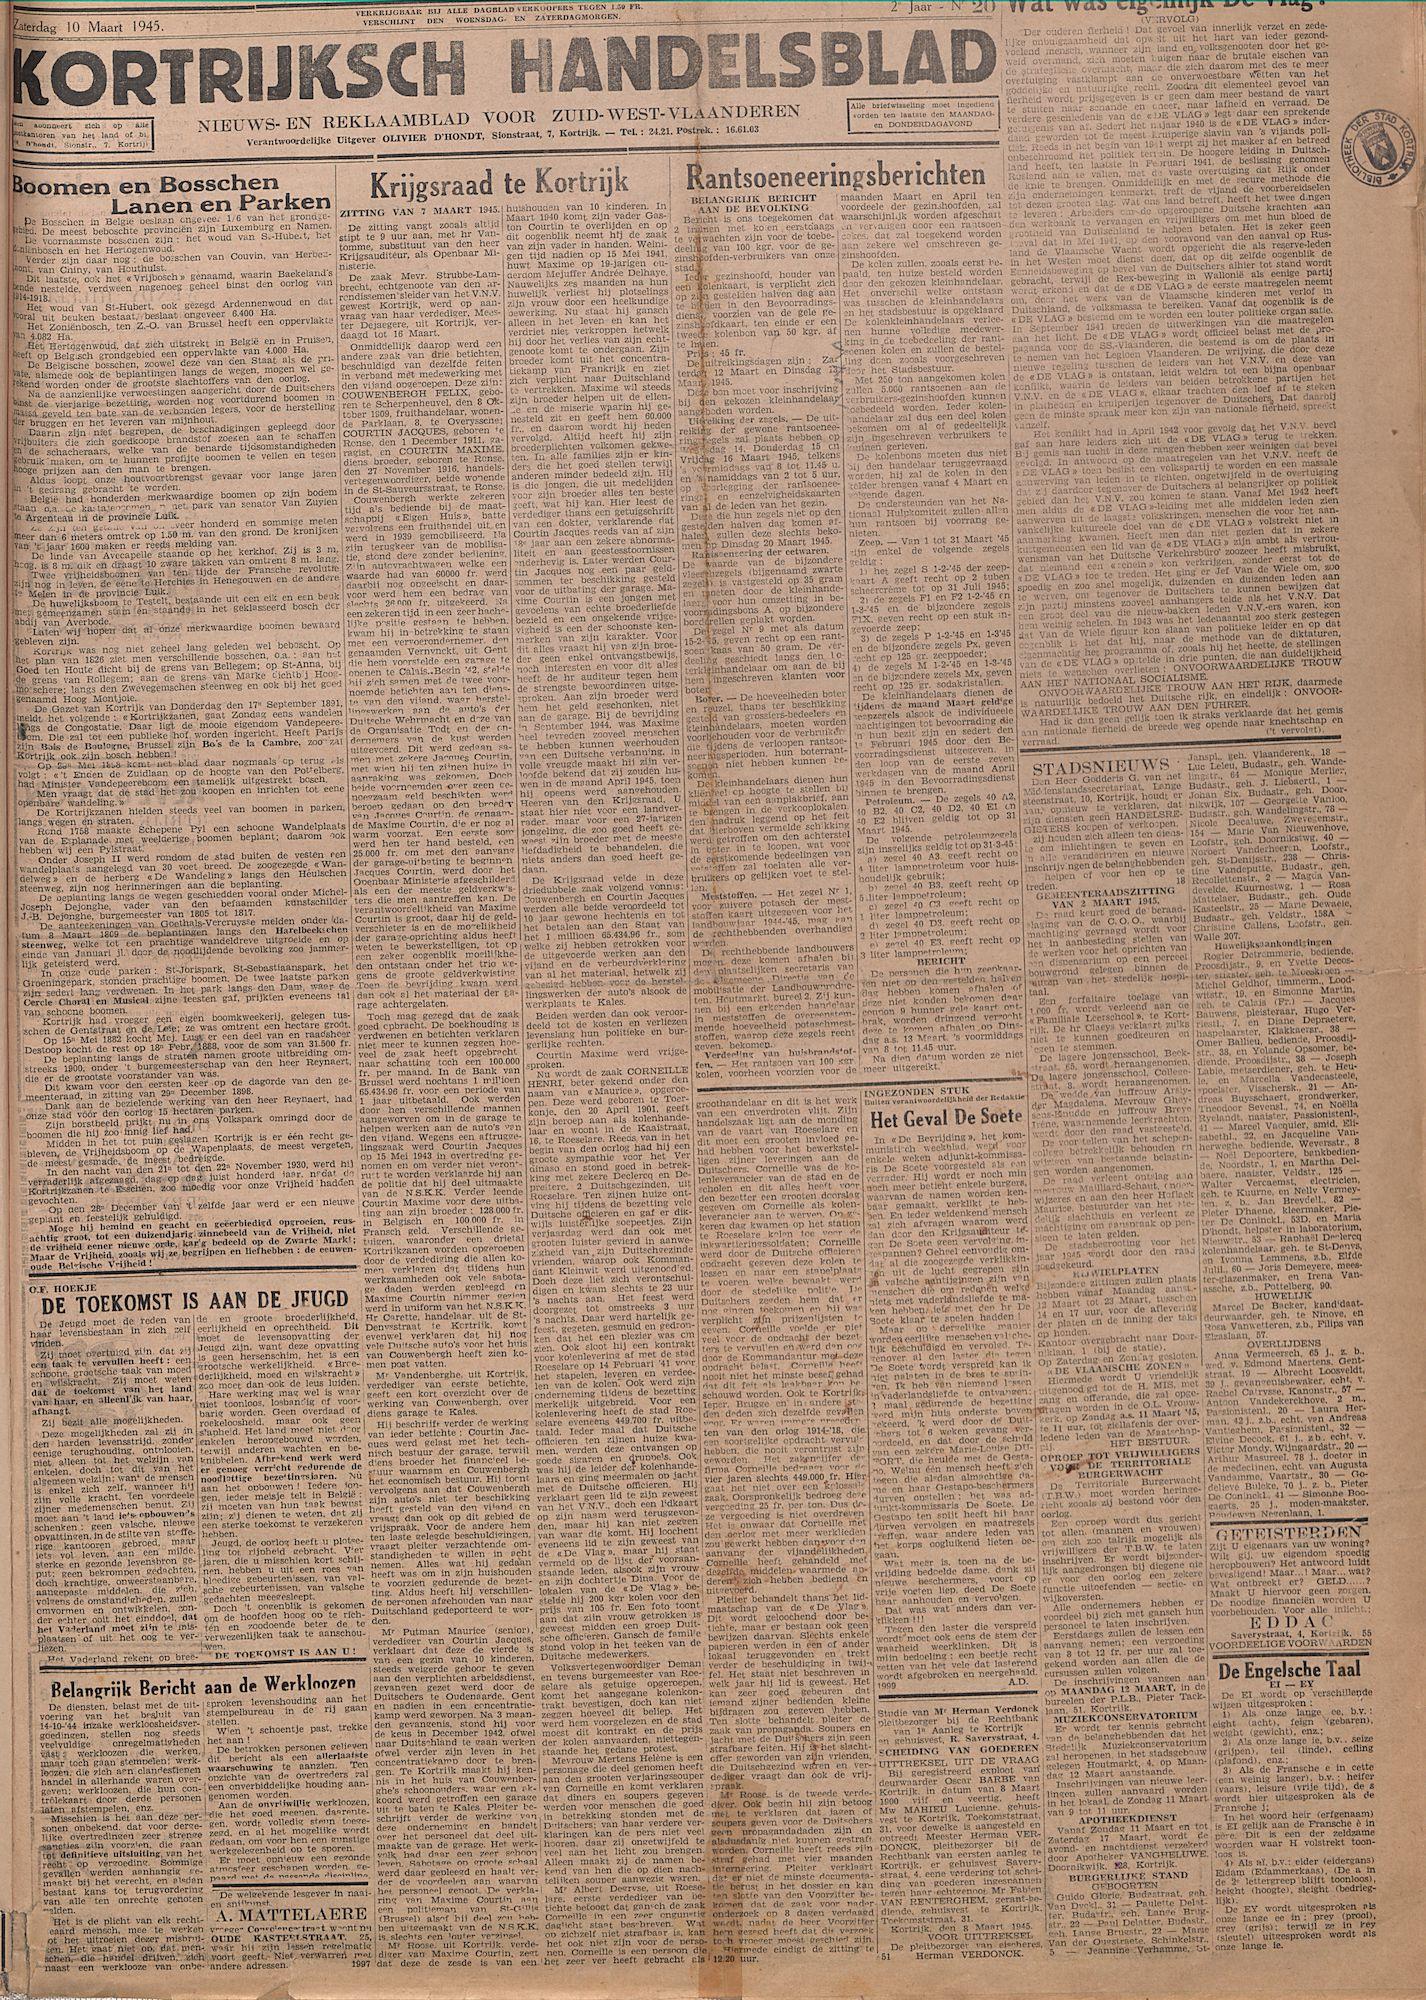 Kortrijksch Handelsblad 10 maart 1945 Nr20 p1